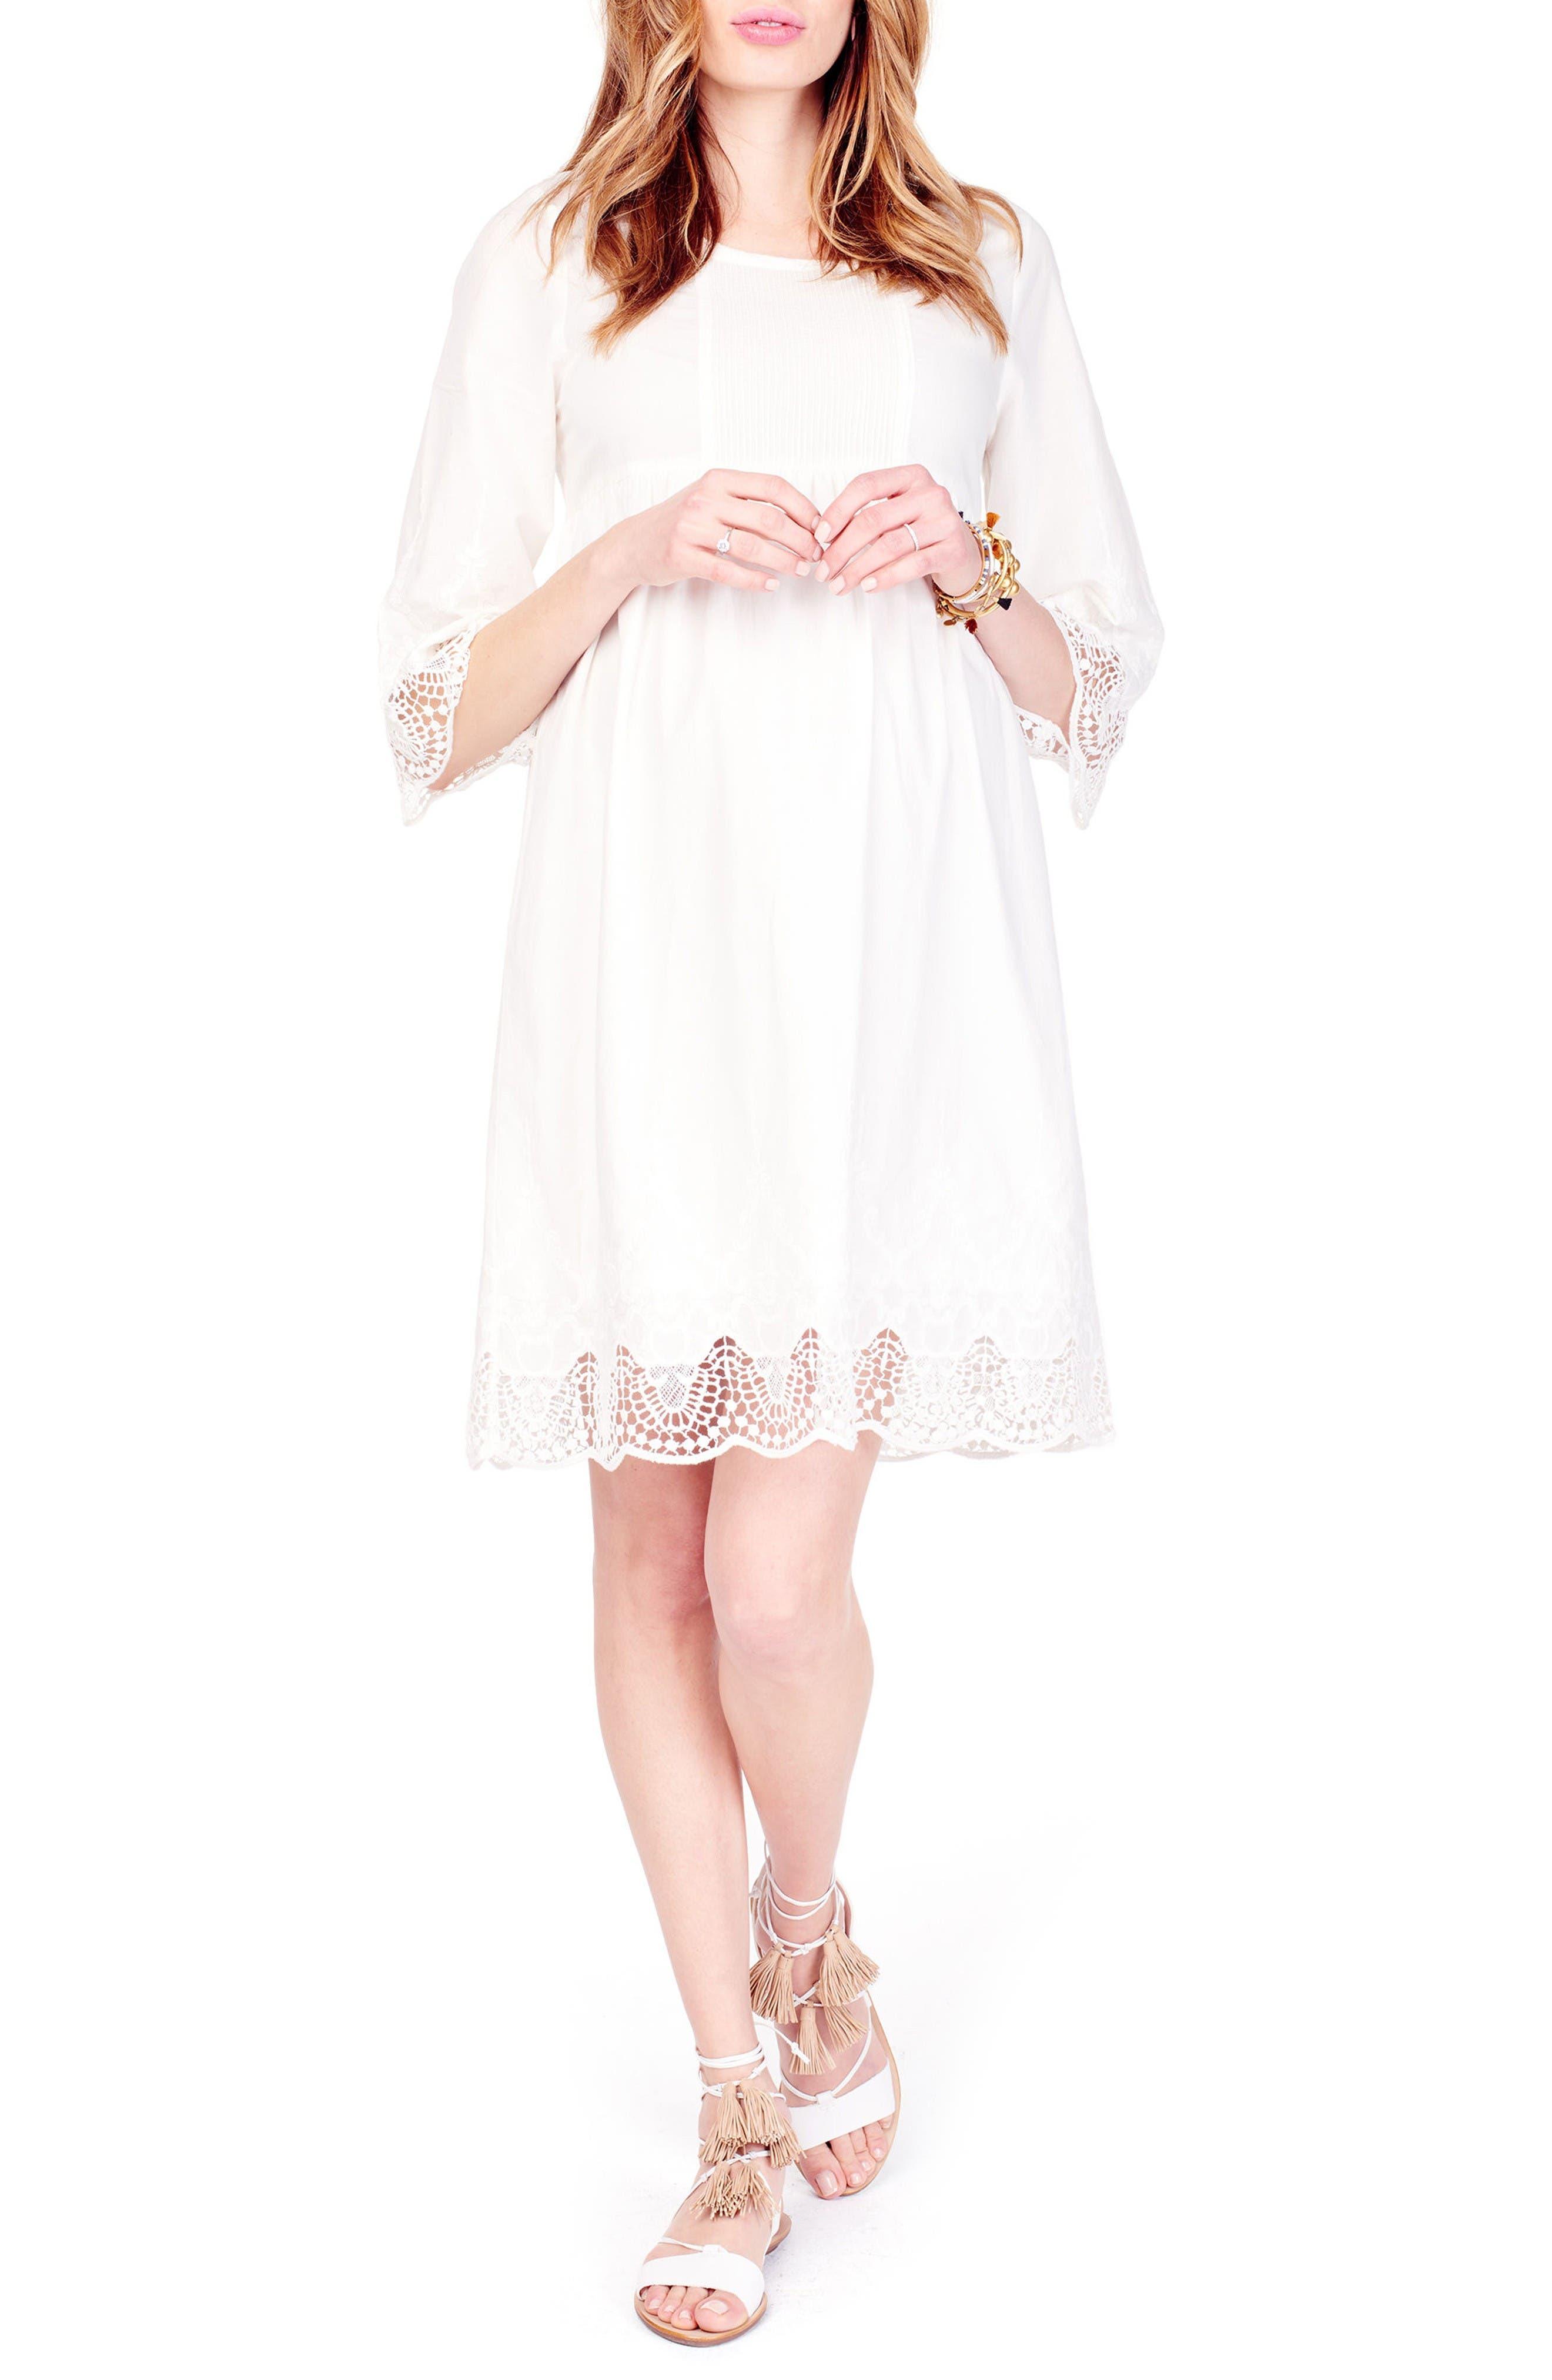 Main Image - Ingrid & Isabel® Lace Trim Maternity Dress